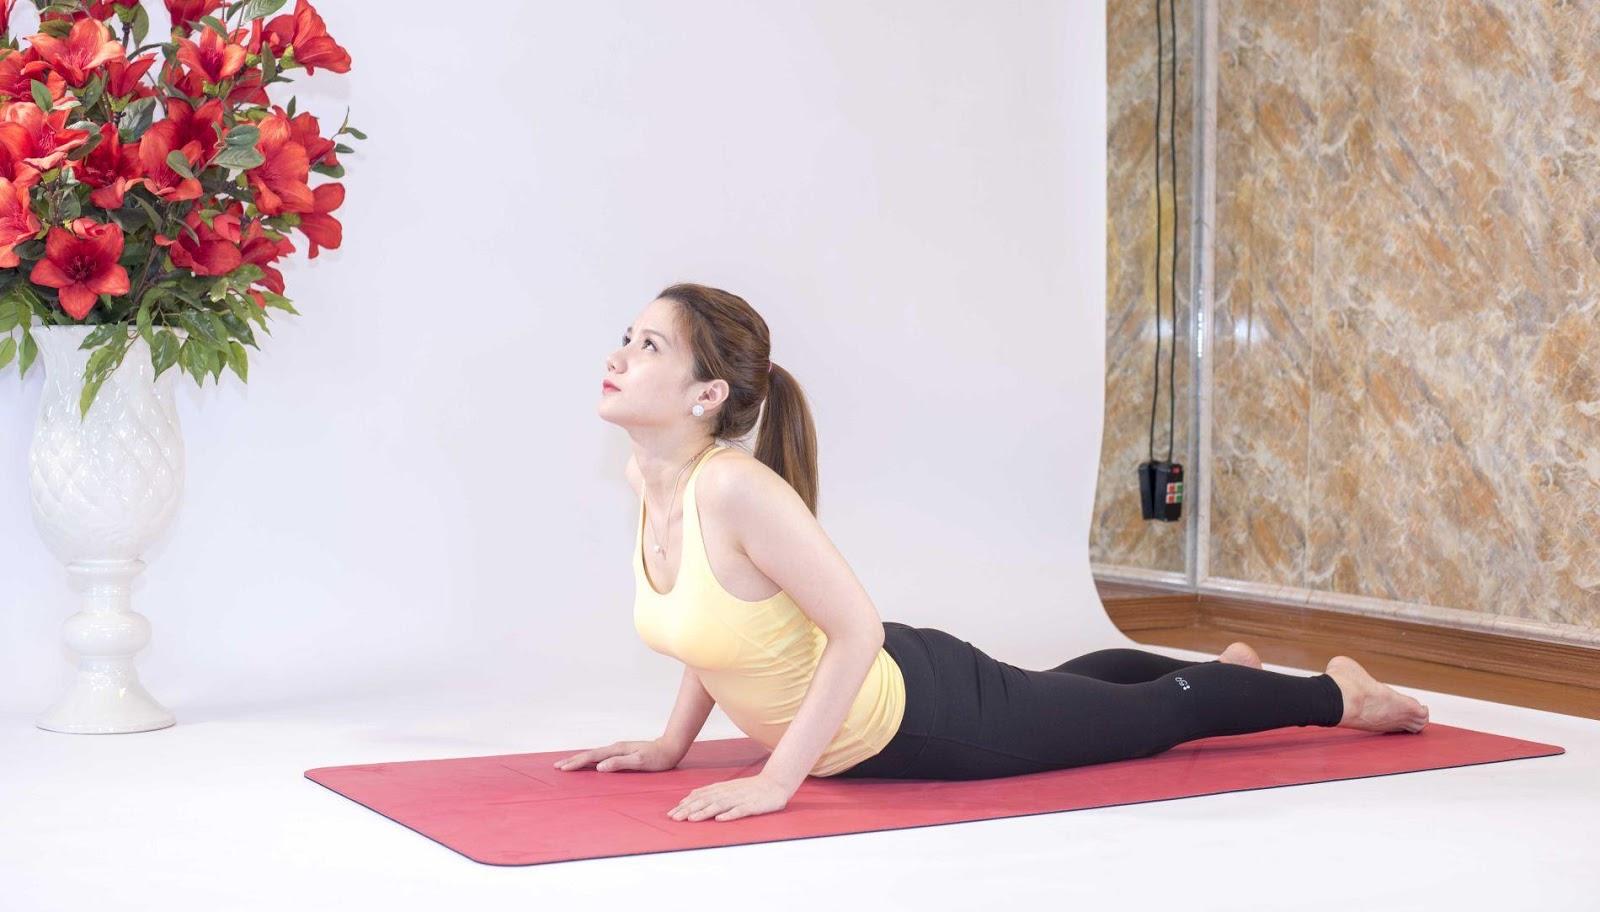 bài tập yoga tăng chiều cao tư thế rắn hổ mang